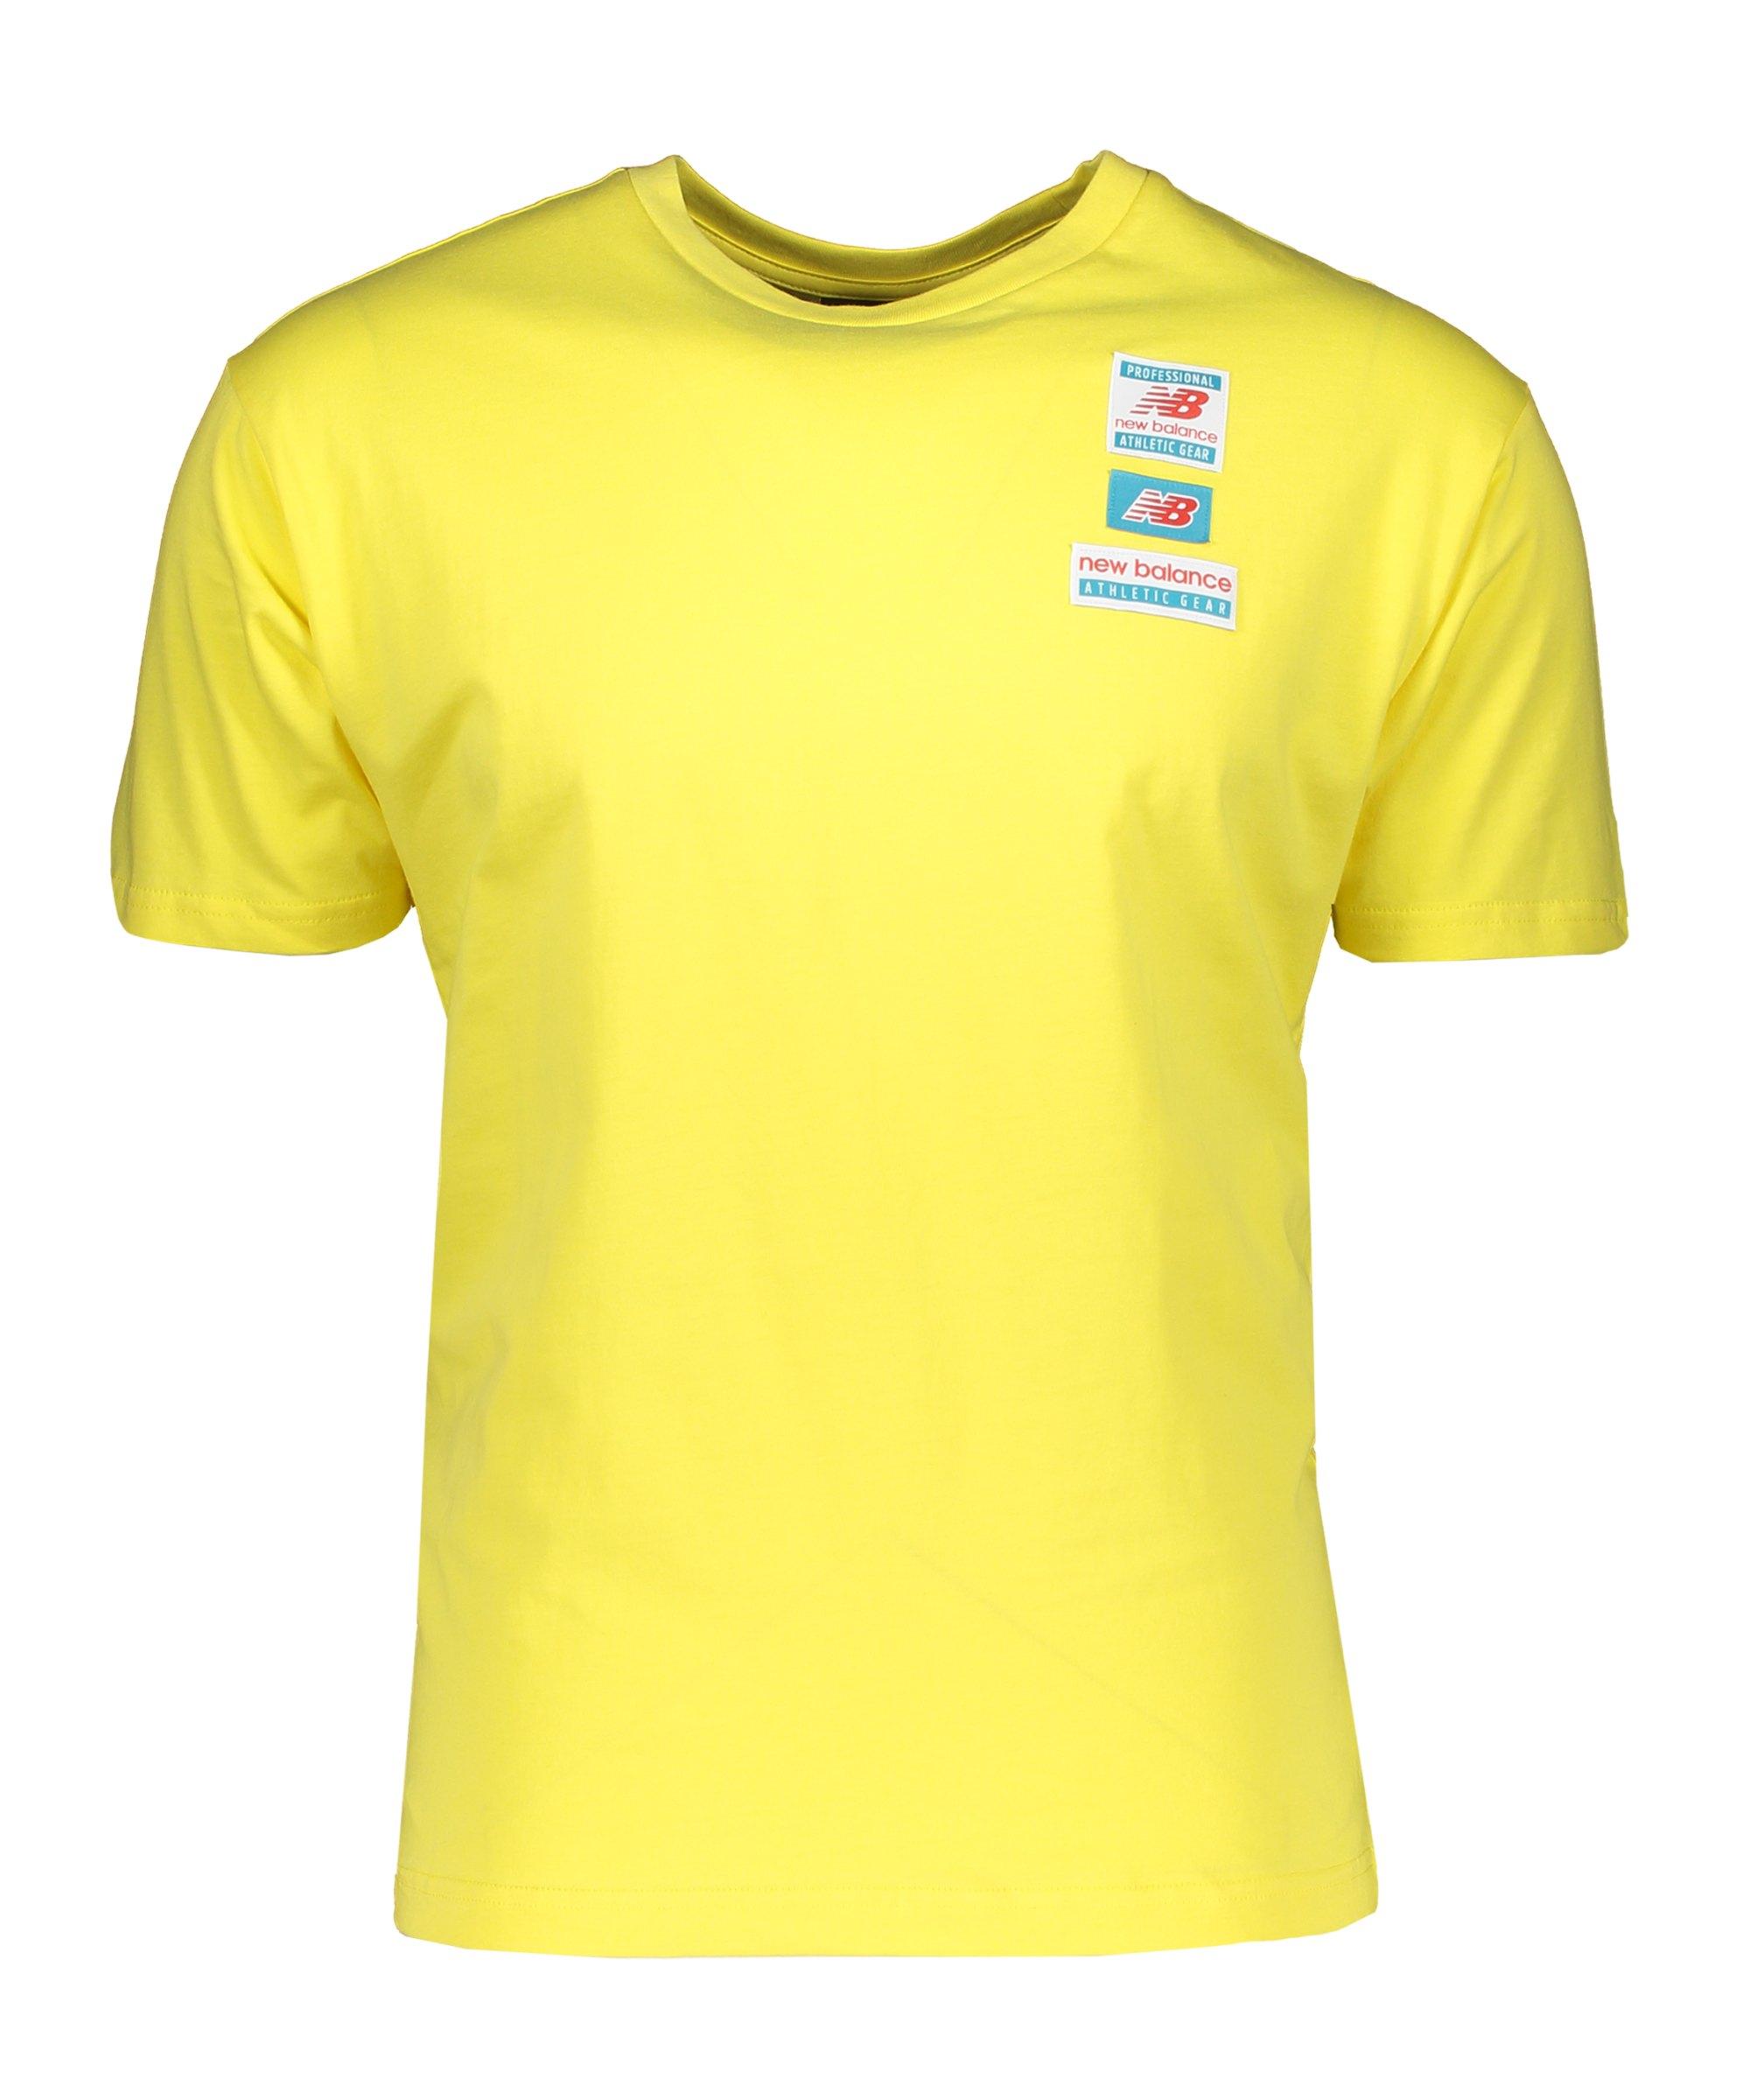 New Balance Essentials Tag T-Shirt Gelb FFTL - gelb